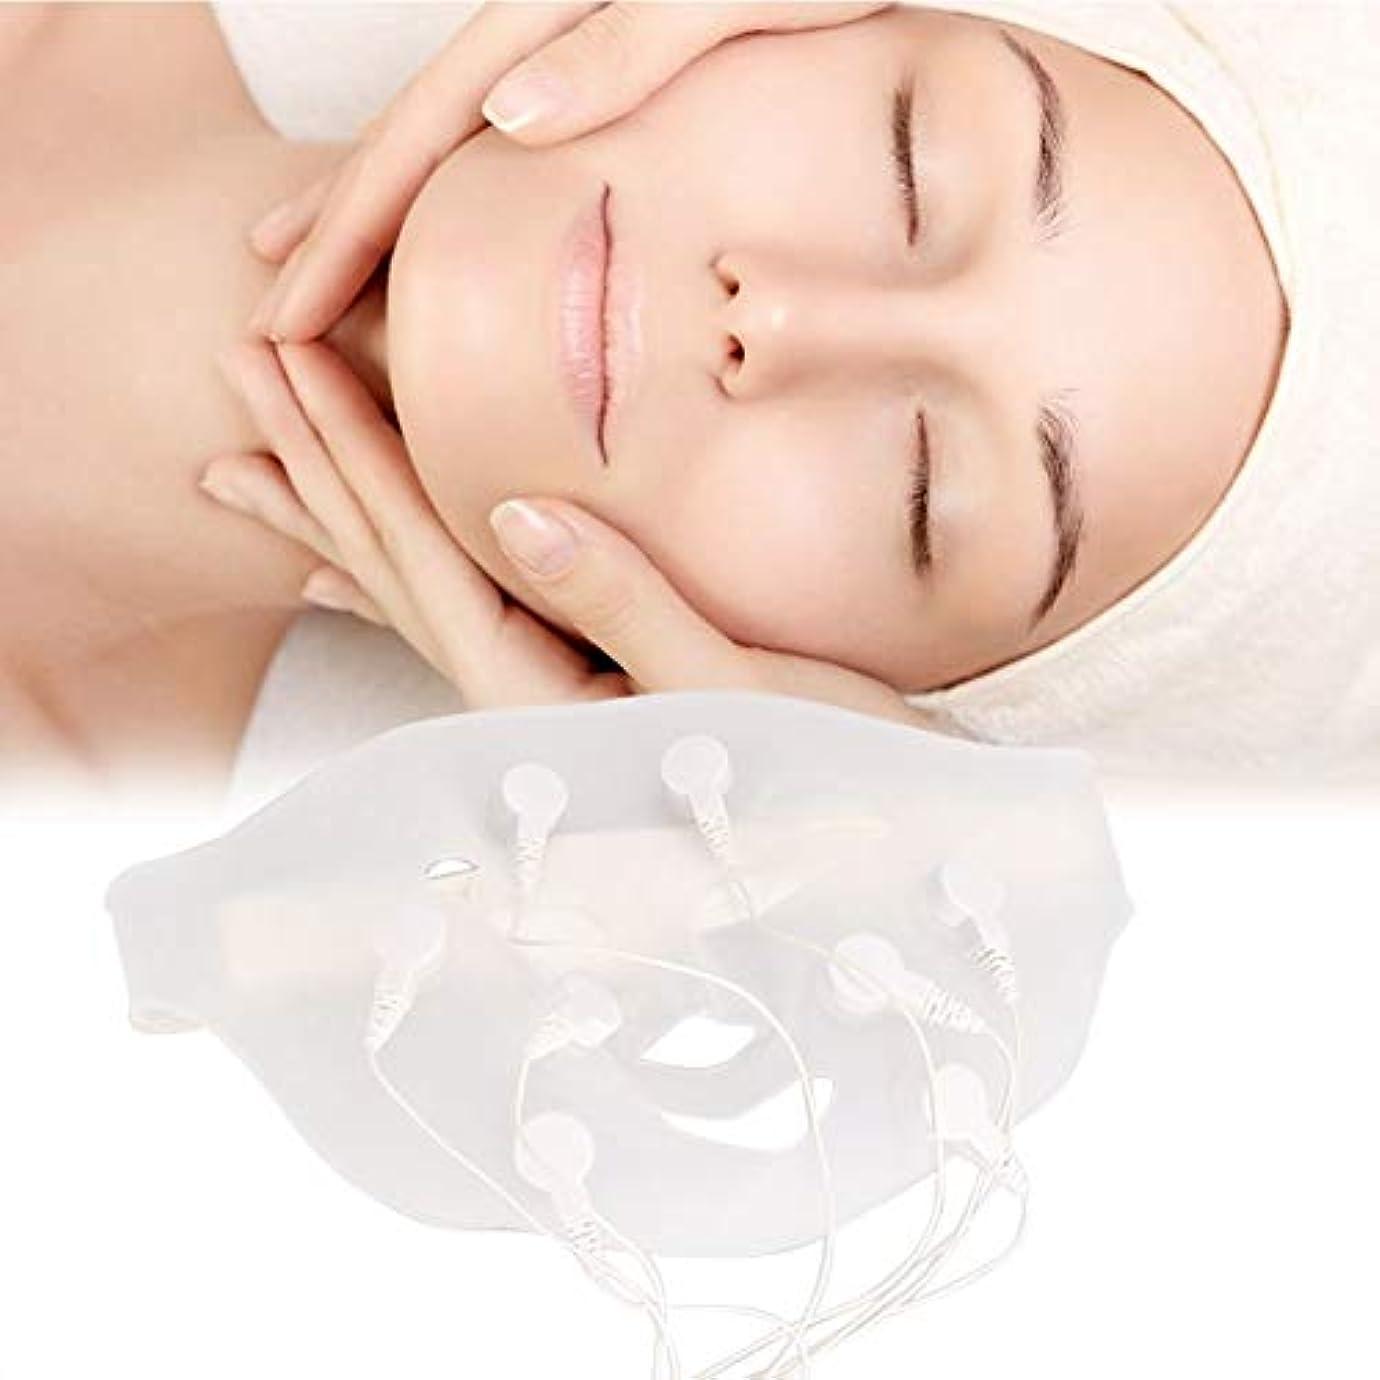 ミニチュア構造的誇張する電動シリコン 3D振動 美容マッサージ スキンケア マッサージスパフェイスマスク、自然なV字型の顔、なめらかな肌、滑らかな細い線の構築、エッセンス吸収の促進(1)